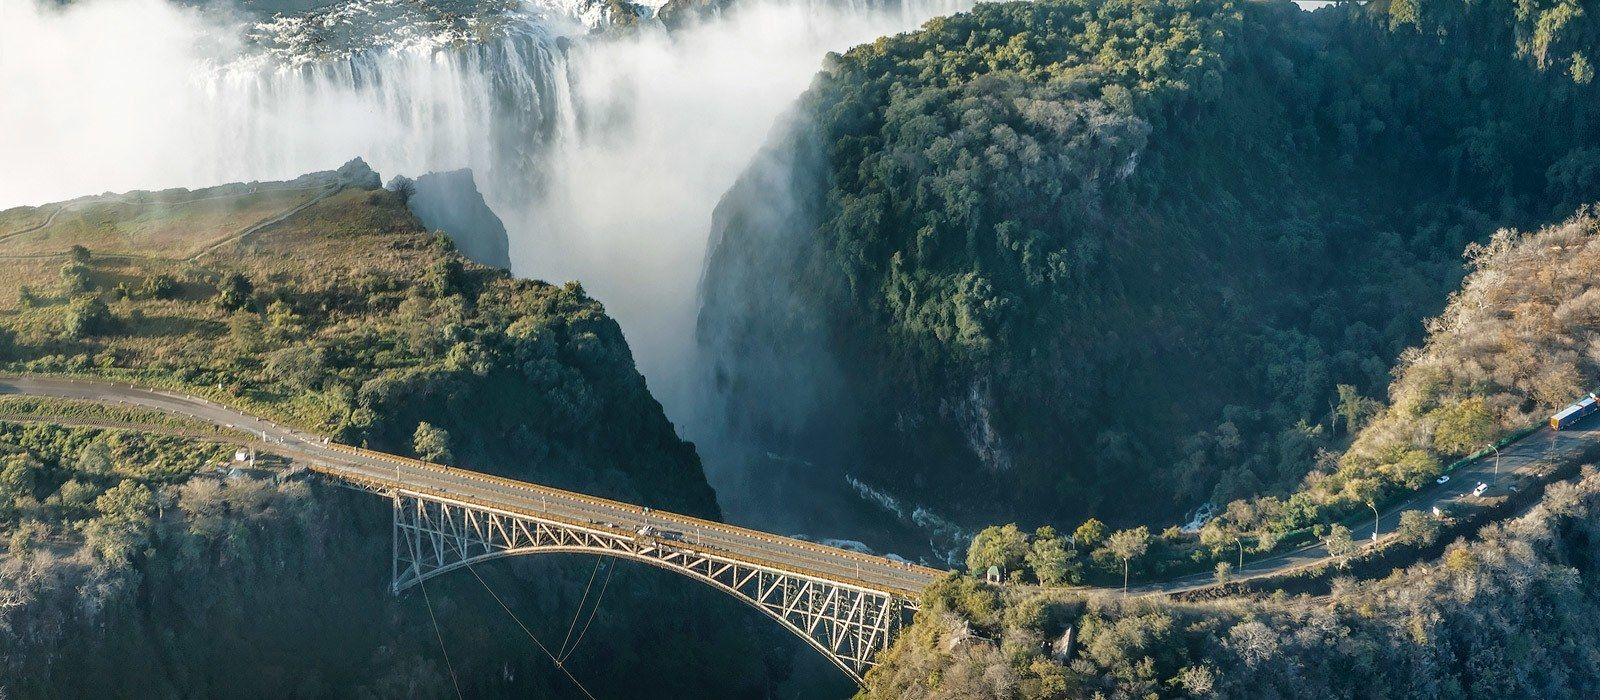 Destination Victoria Falls Zambia